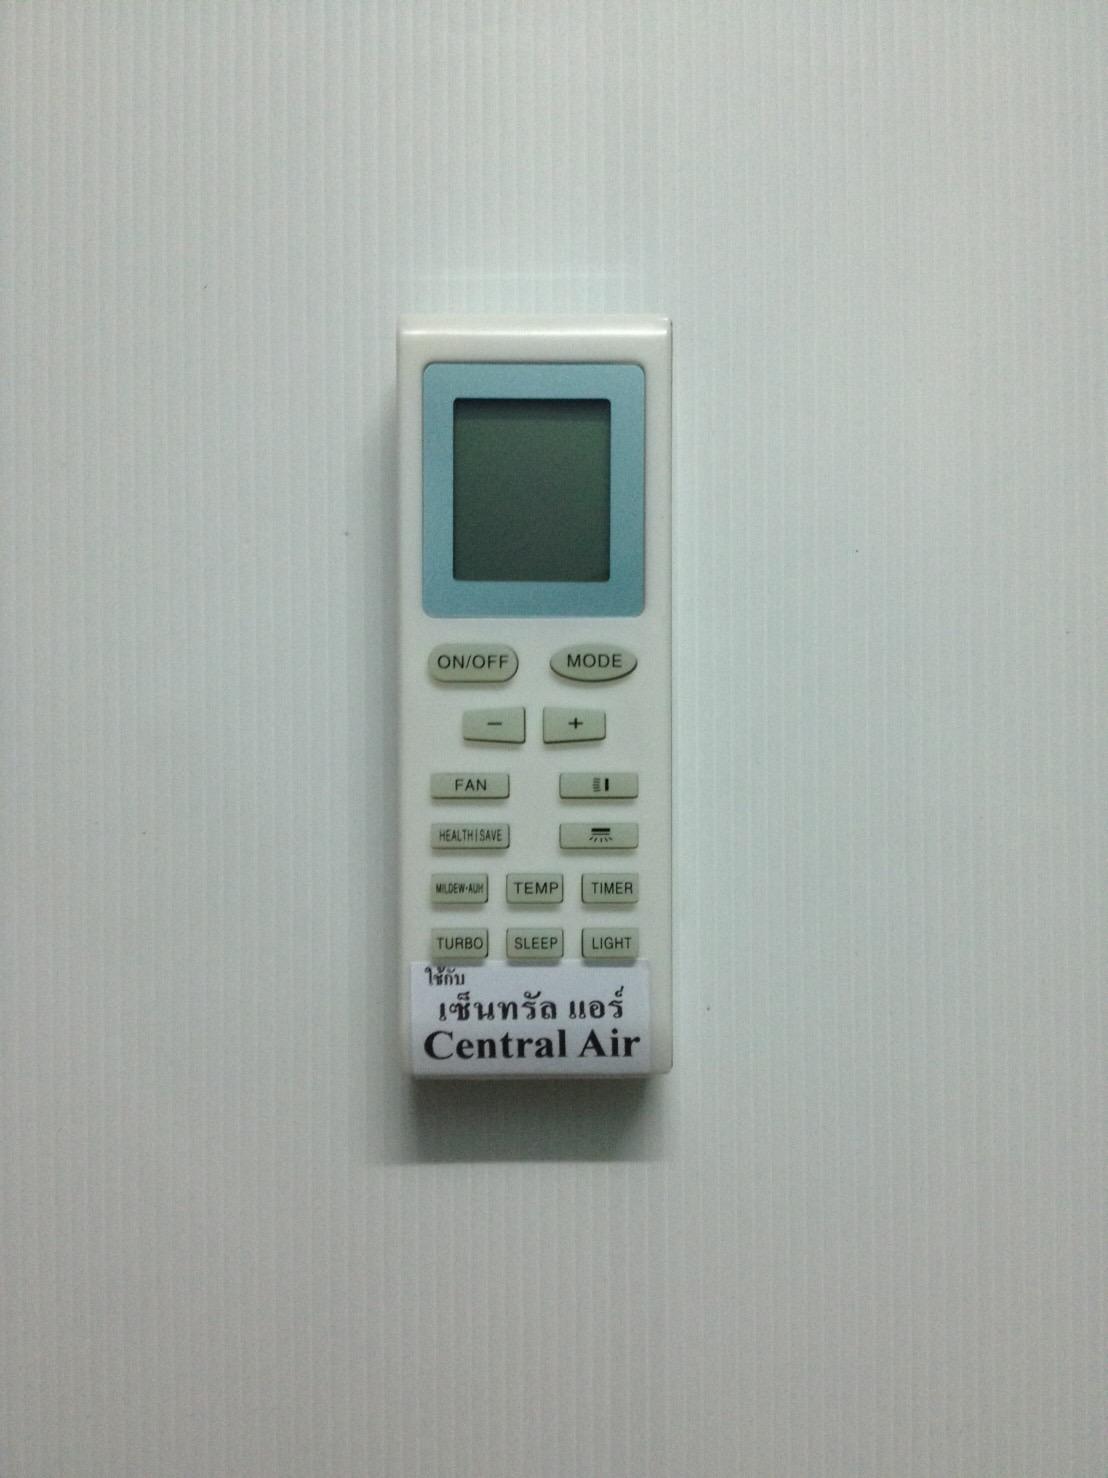 รีโมทแอร์ เซนทรัลแอร์ Central Air เล็ก